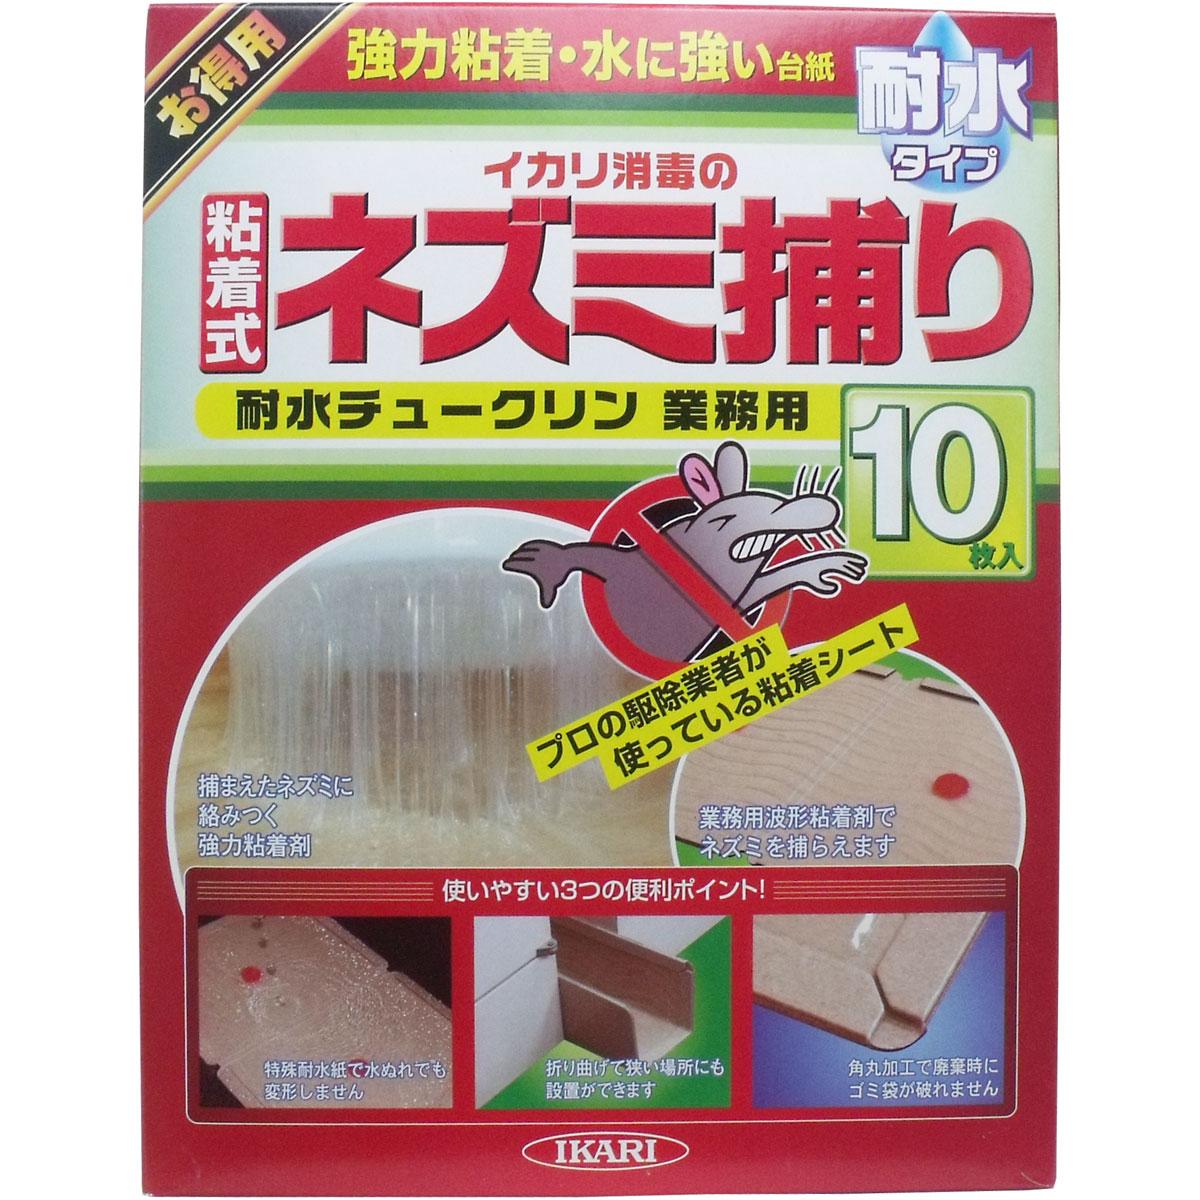 イカリ消毒の粘着式ネズミ捕り 耐水チュークリン 業務用 10枚入